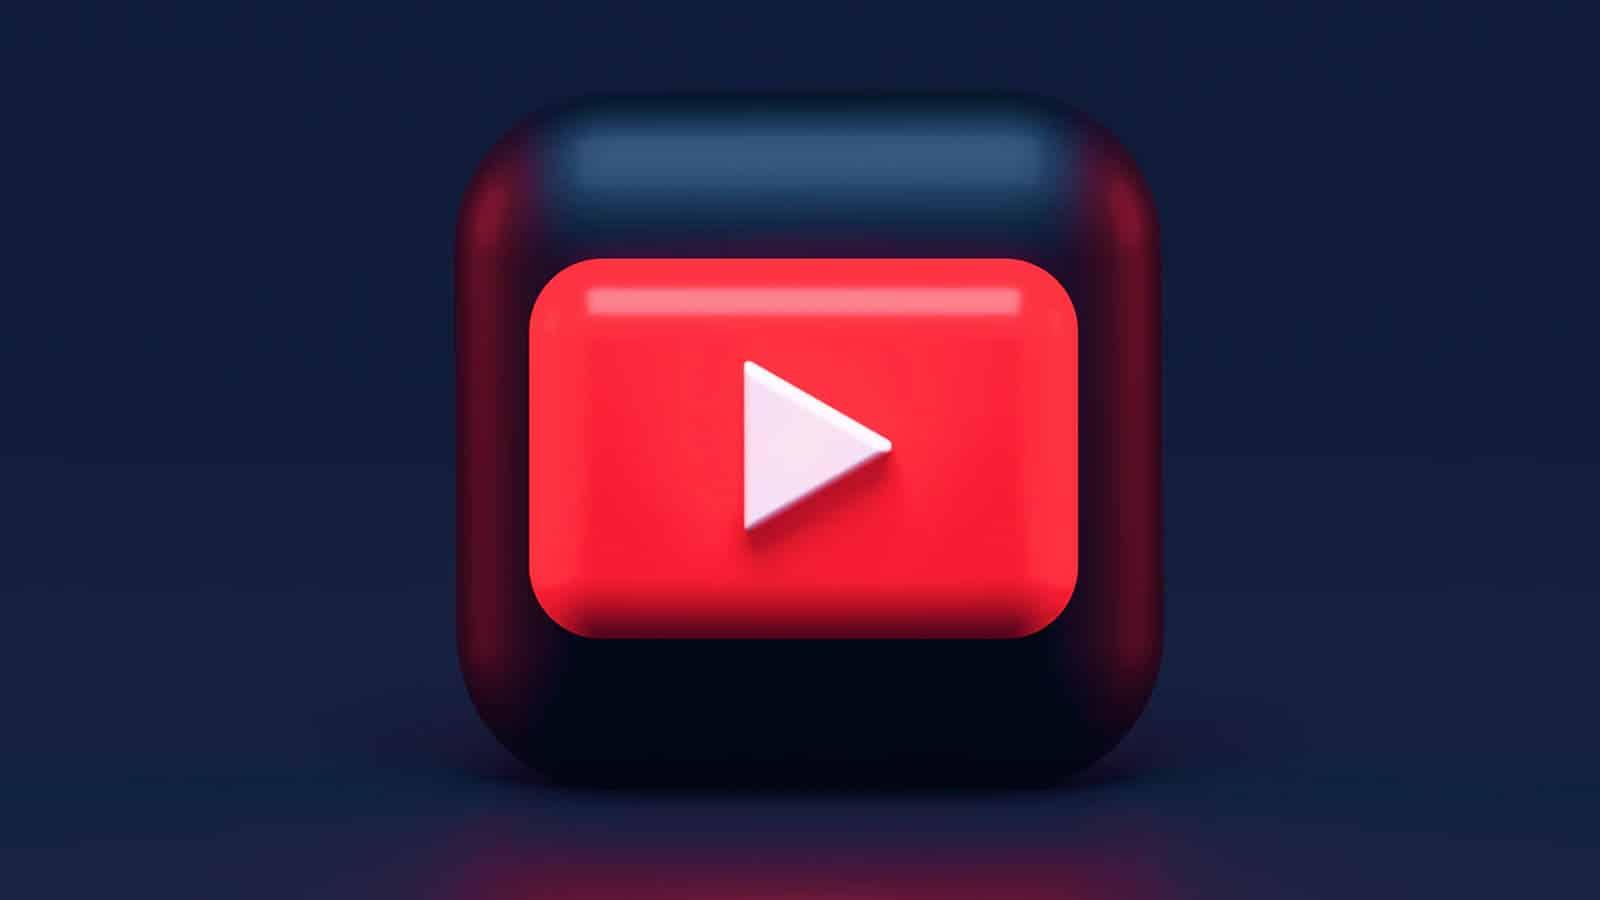 youtube icon on blue background